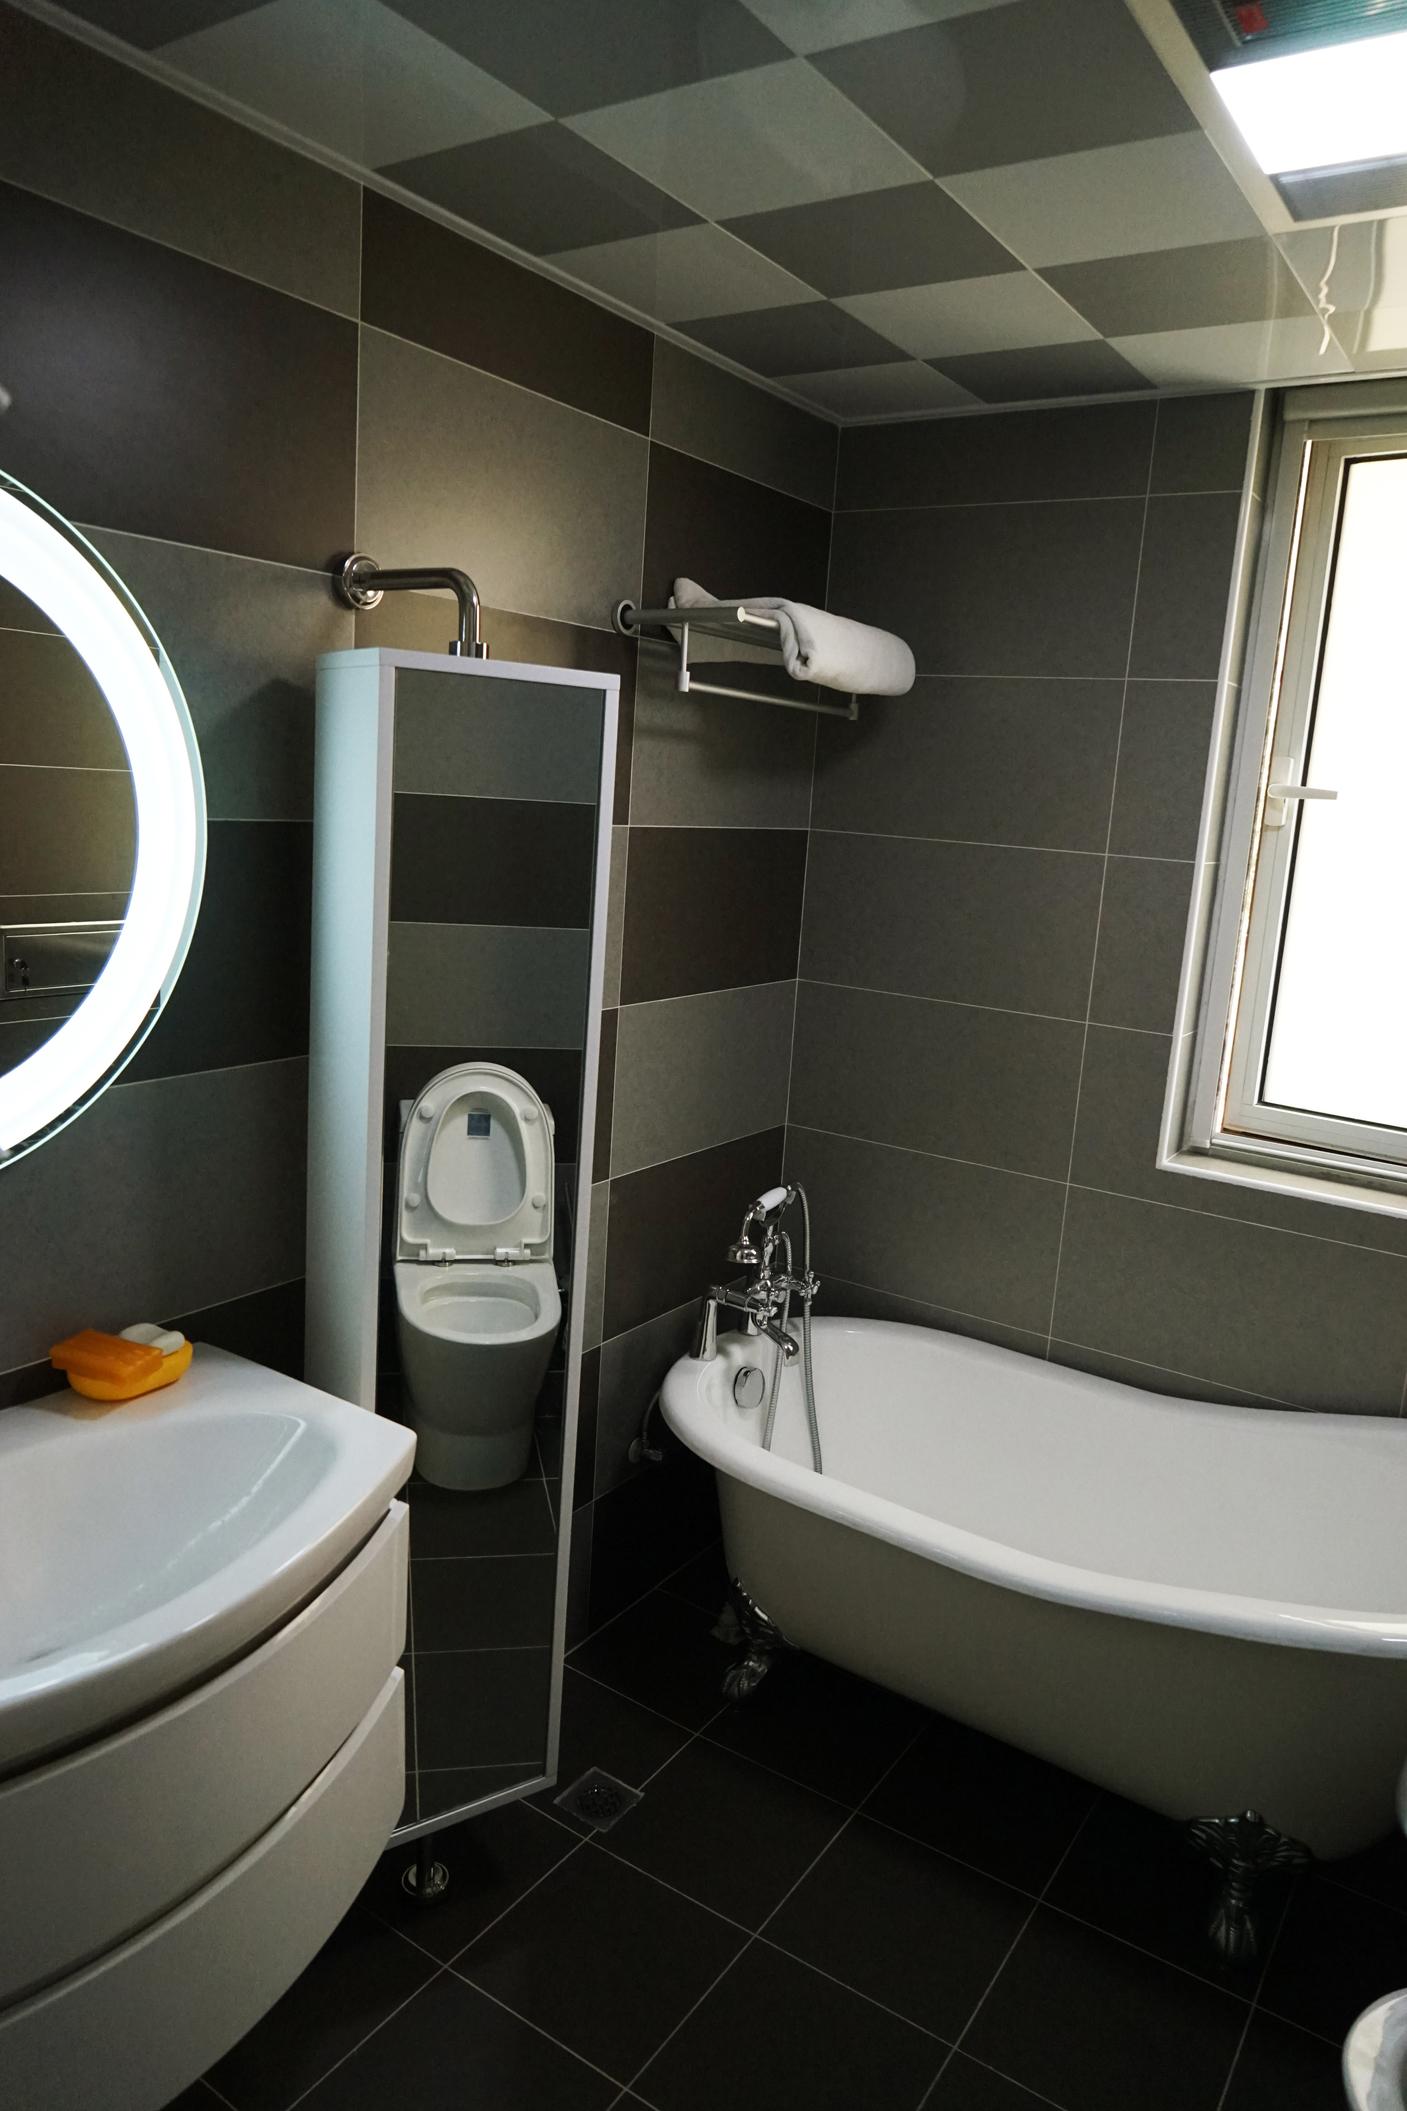 简约 现代 黑白灰 造型顶 吧台 卫生间图片来自253886347在光之谷的分享